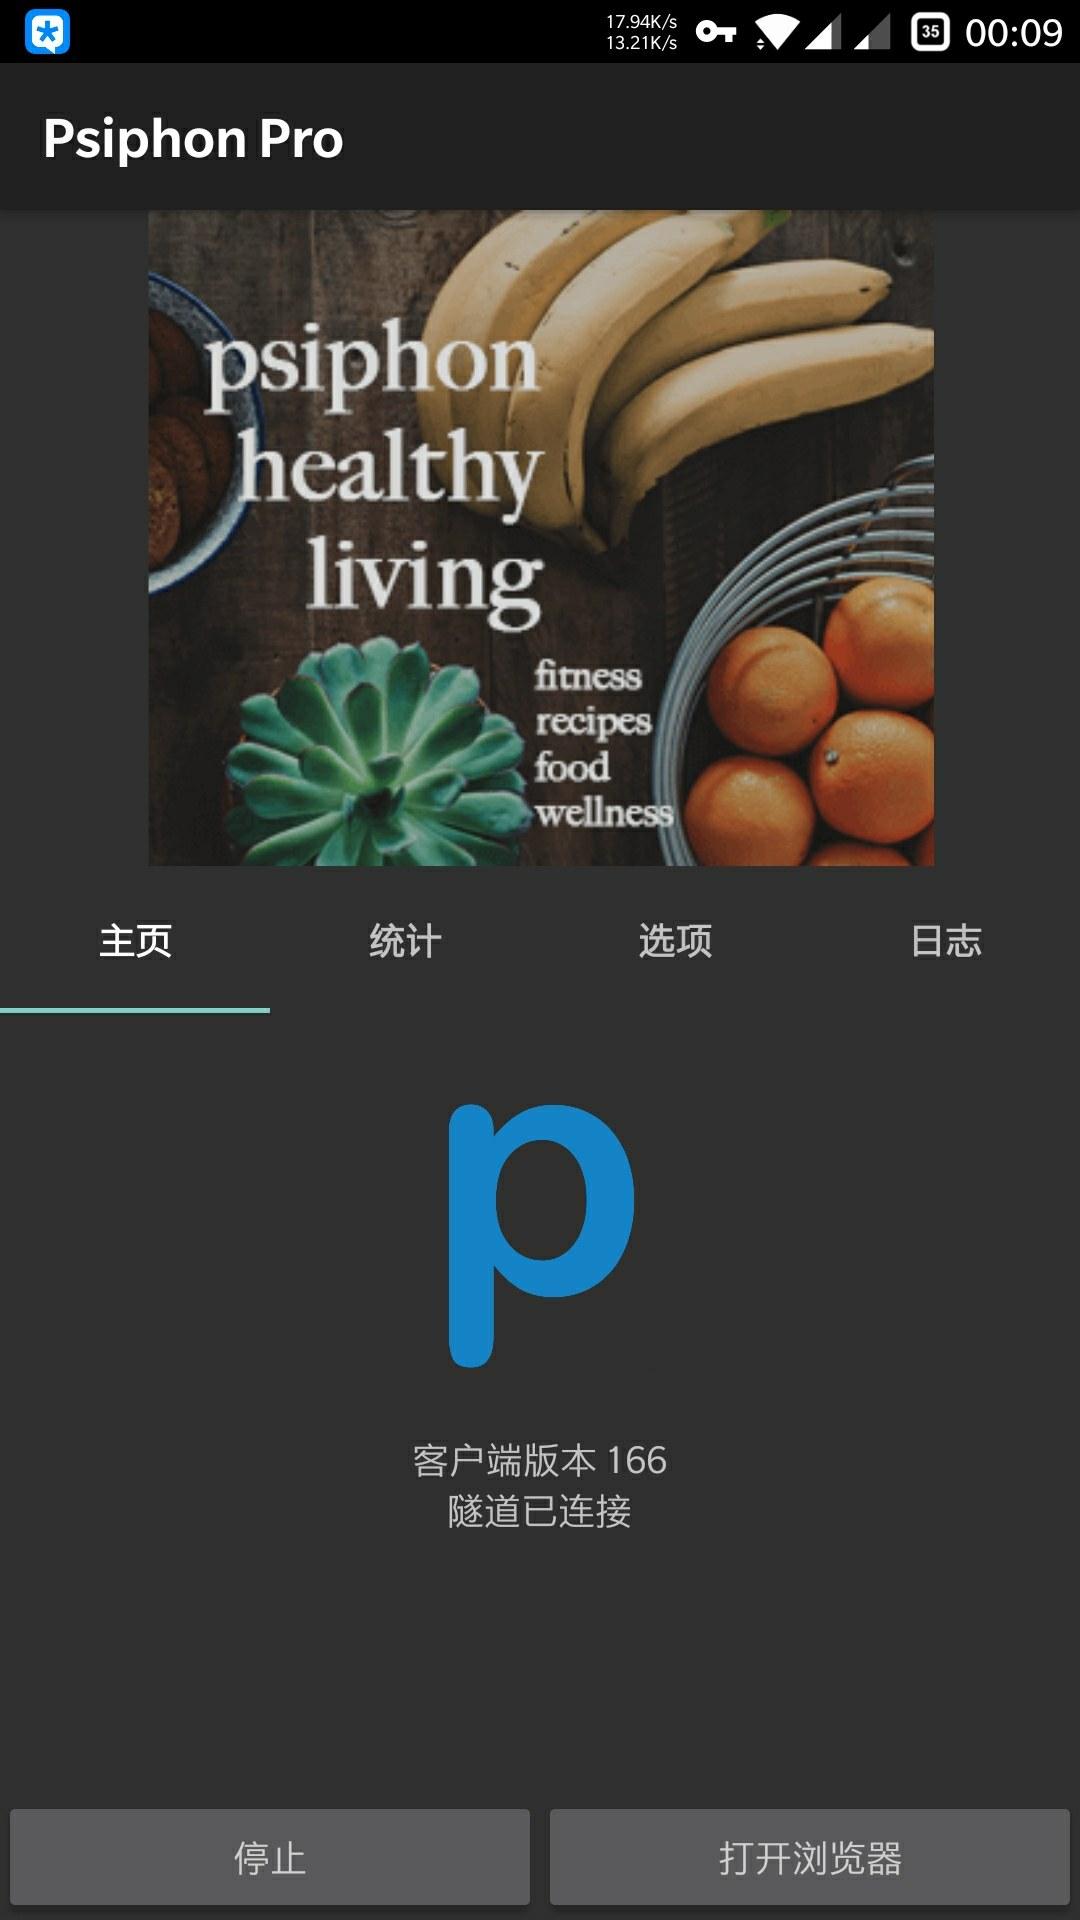 应坛友要求分享一键启动的F墙利器 psiphon3 OnePlus 3T 一加手机社区官方论坛